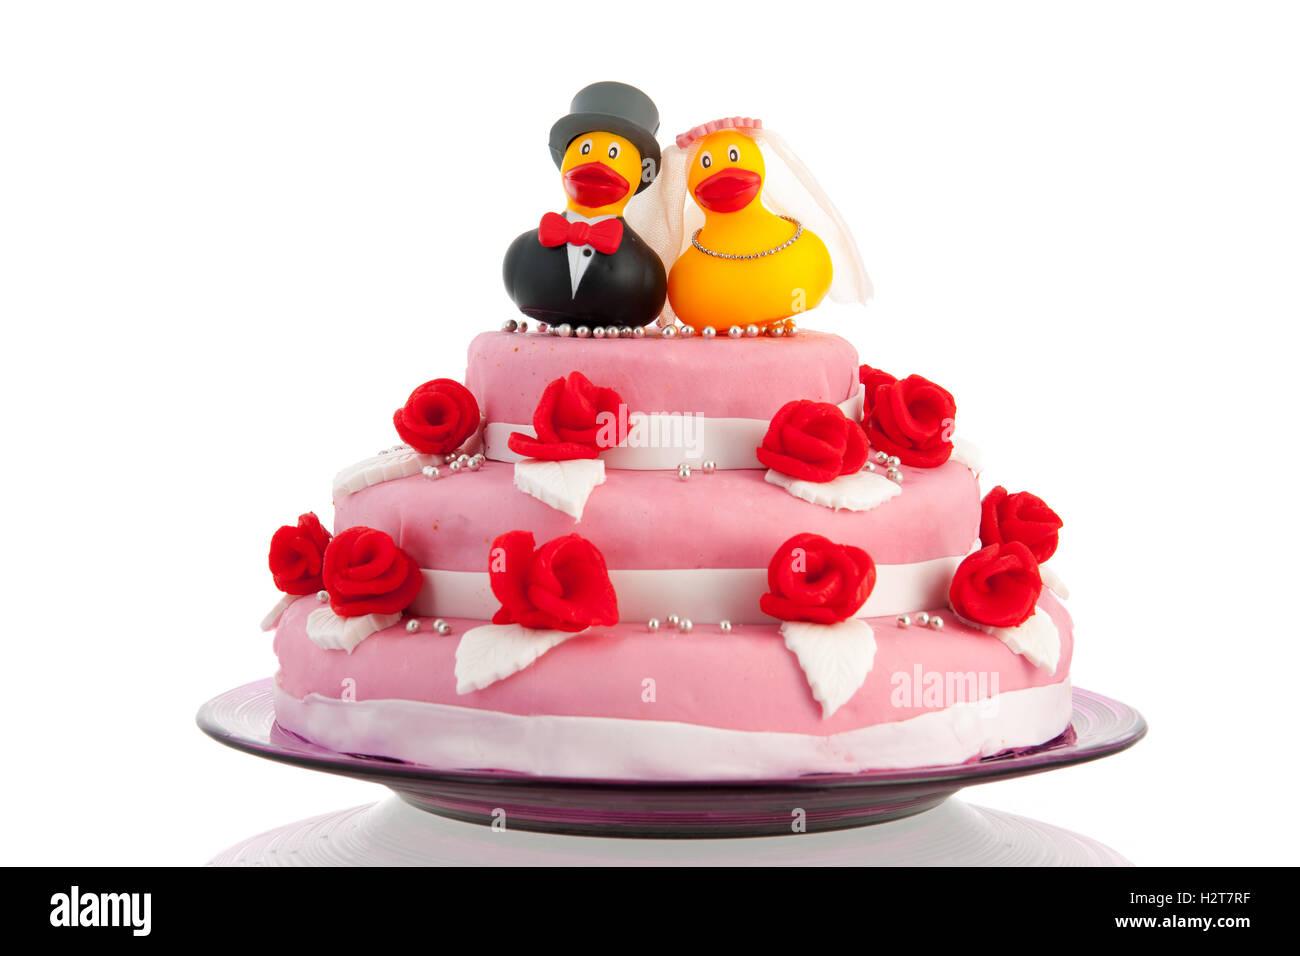 Hochzeitstorte Mit Paar Lustige Enten Stockfoto Bild 122234883 Alamy